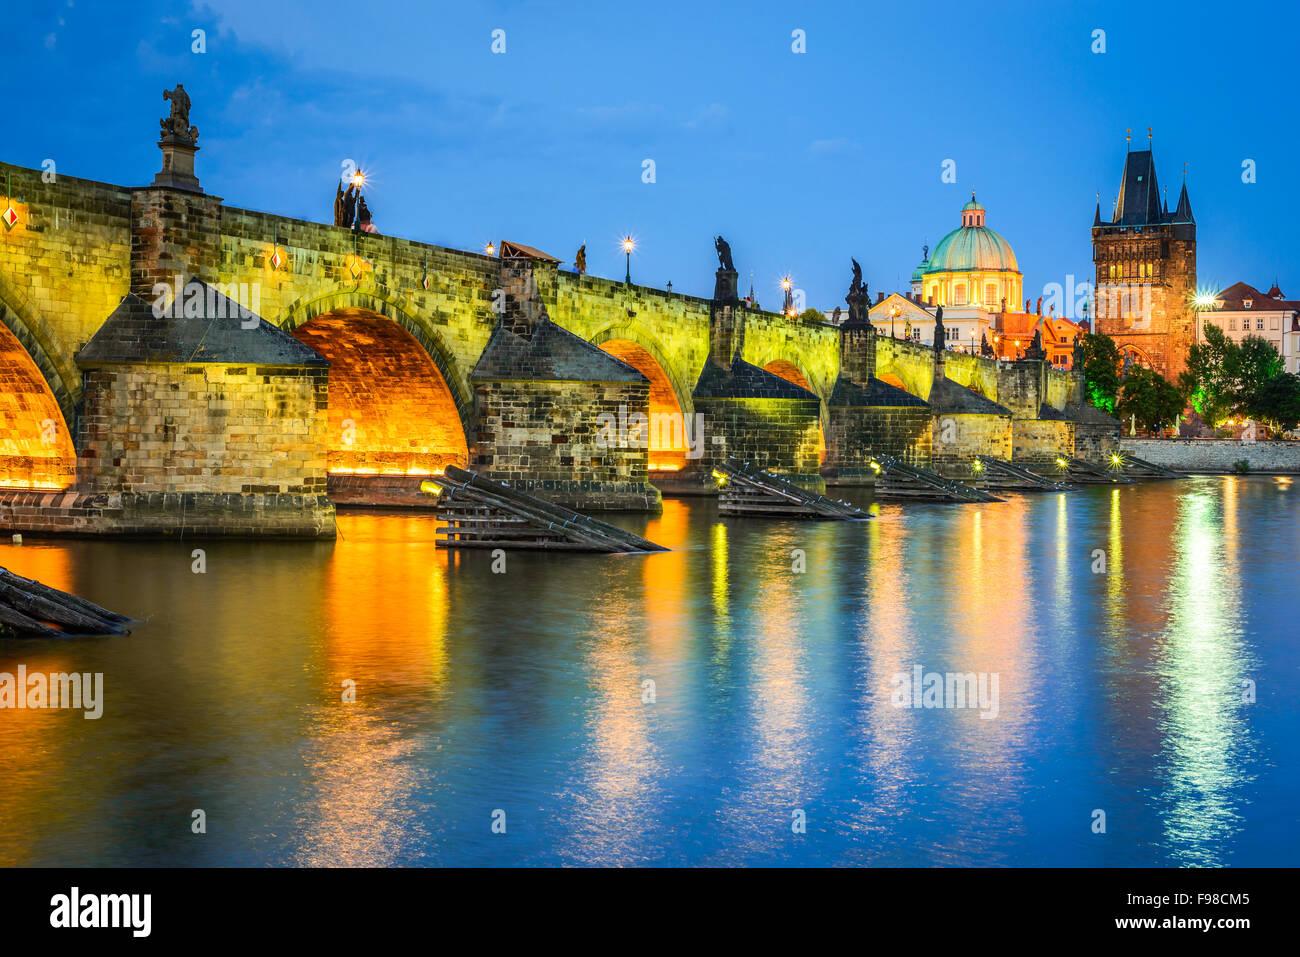 Prag, Tschechische Republik. Karlsbrücke und Mala Strana Türme mit Prager Burg (Hrad) in Twilight Hintergrundbild Stockfoto